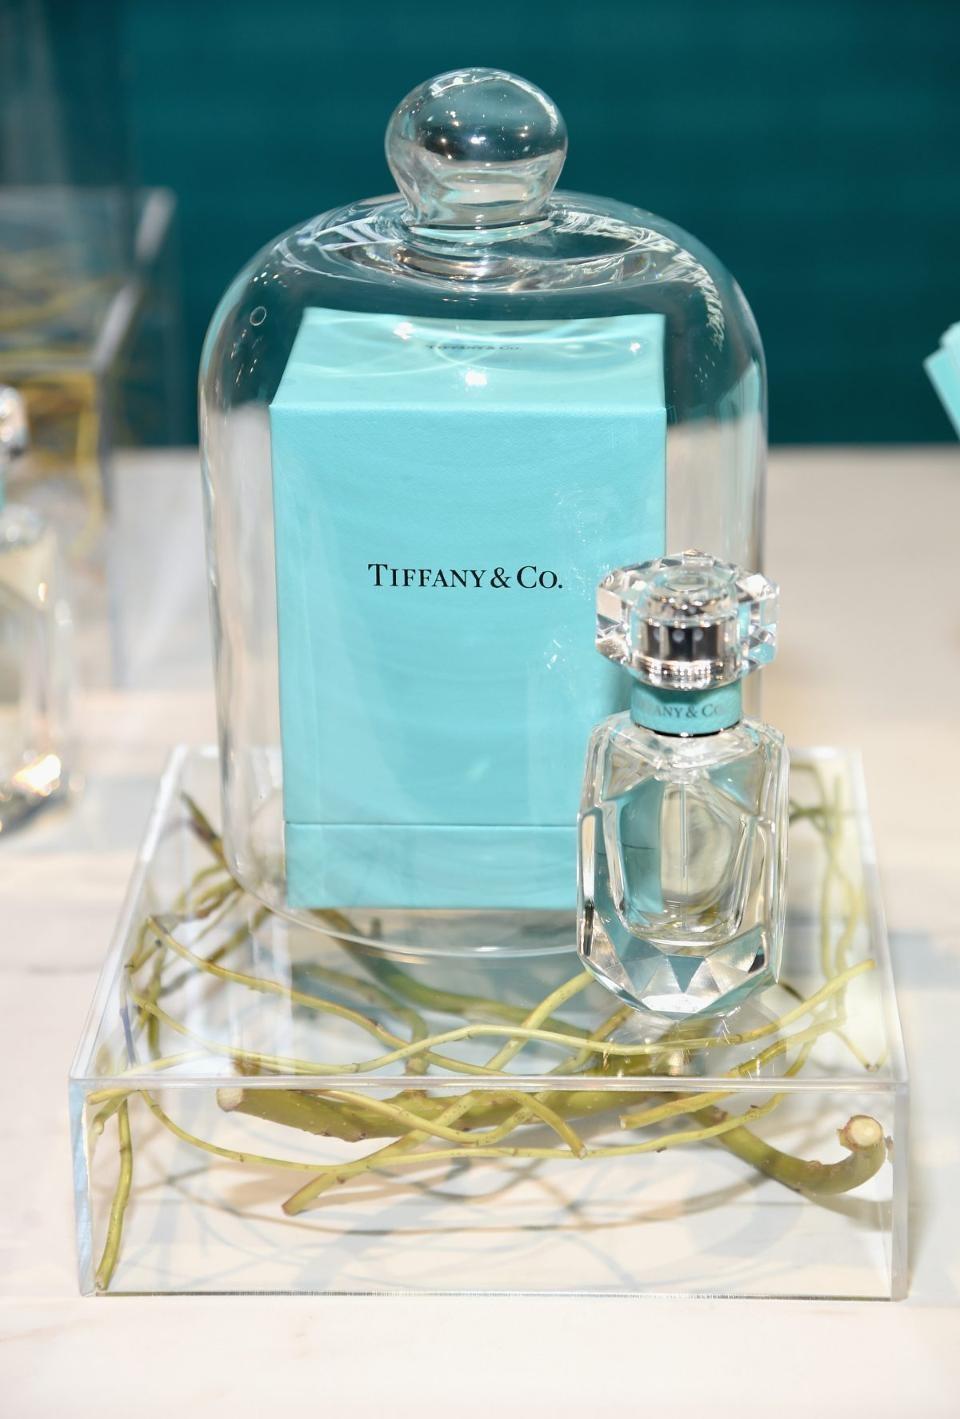 Tiffany launches Tiffany & Co. Perfume